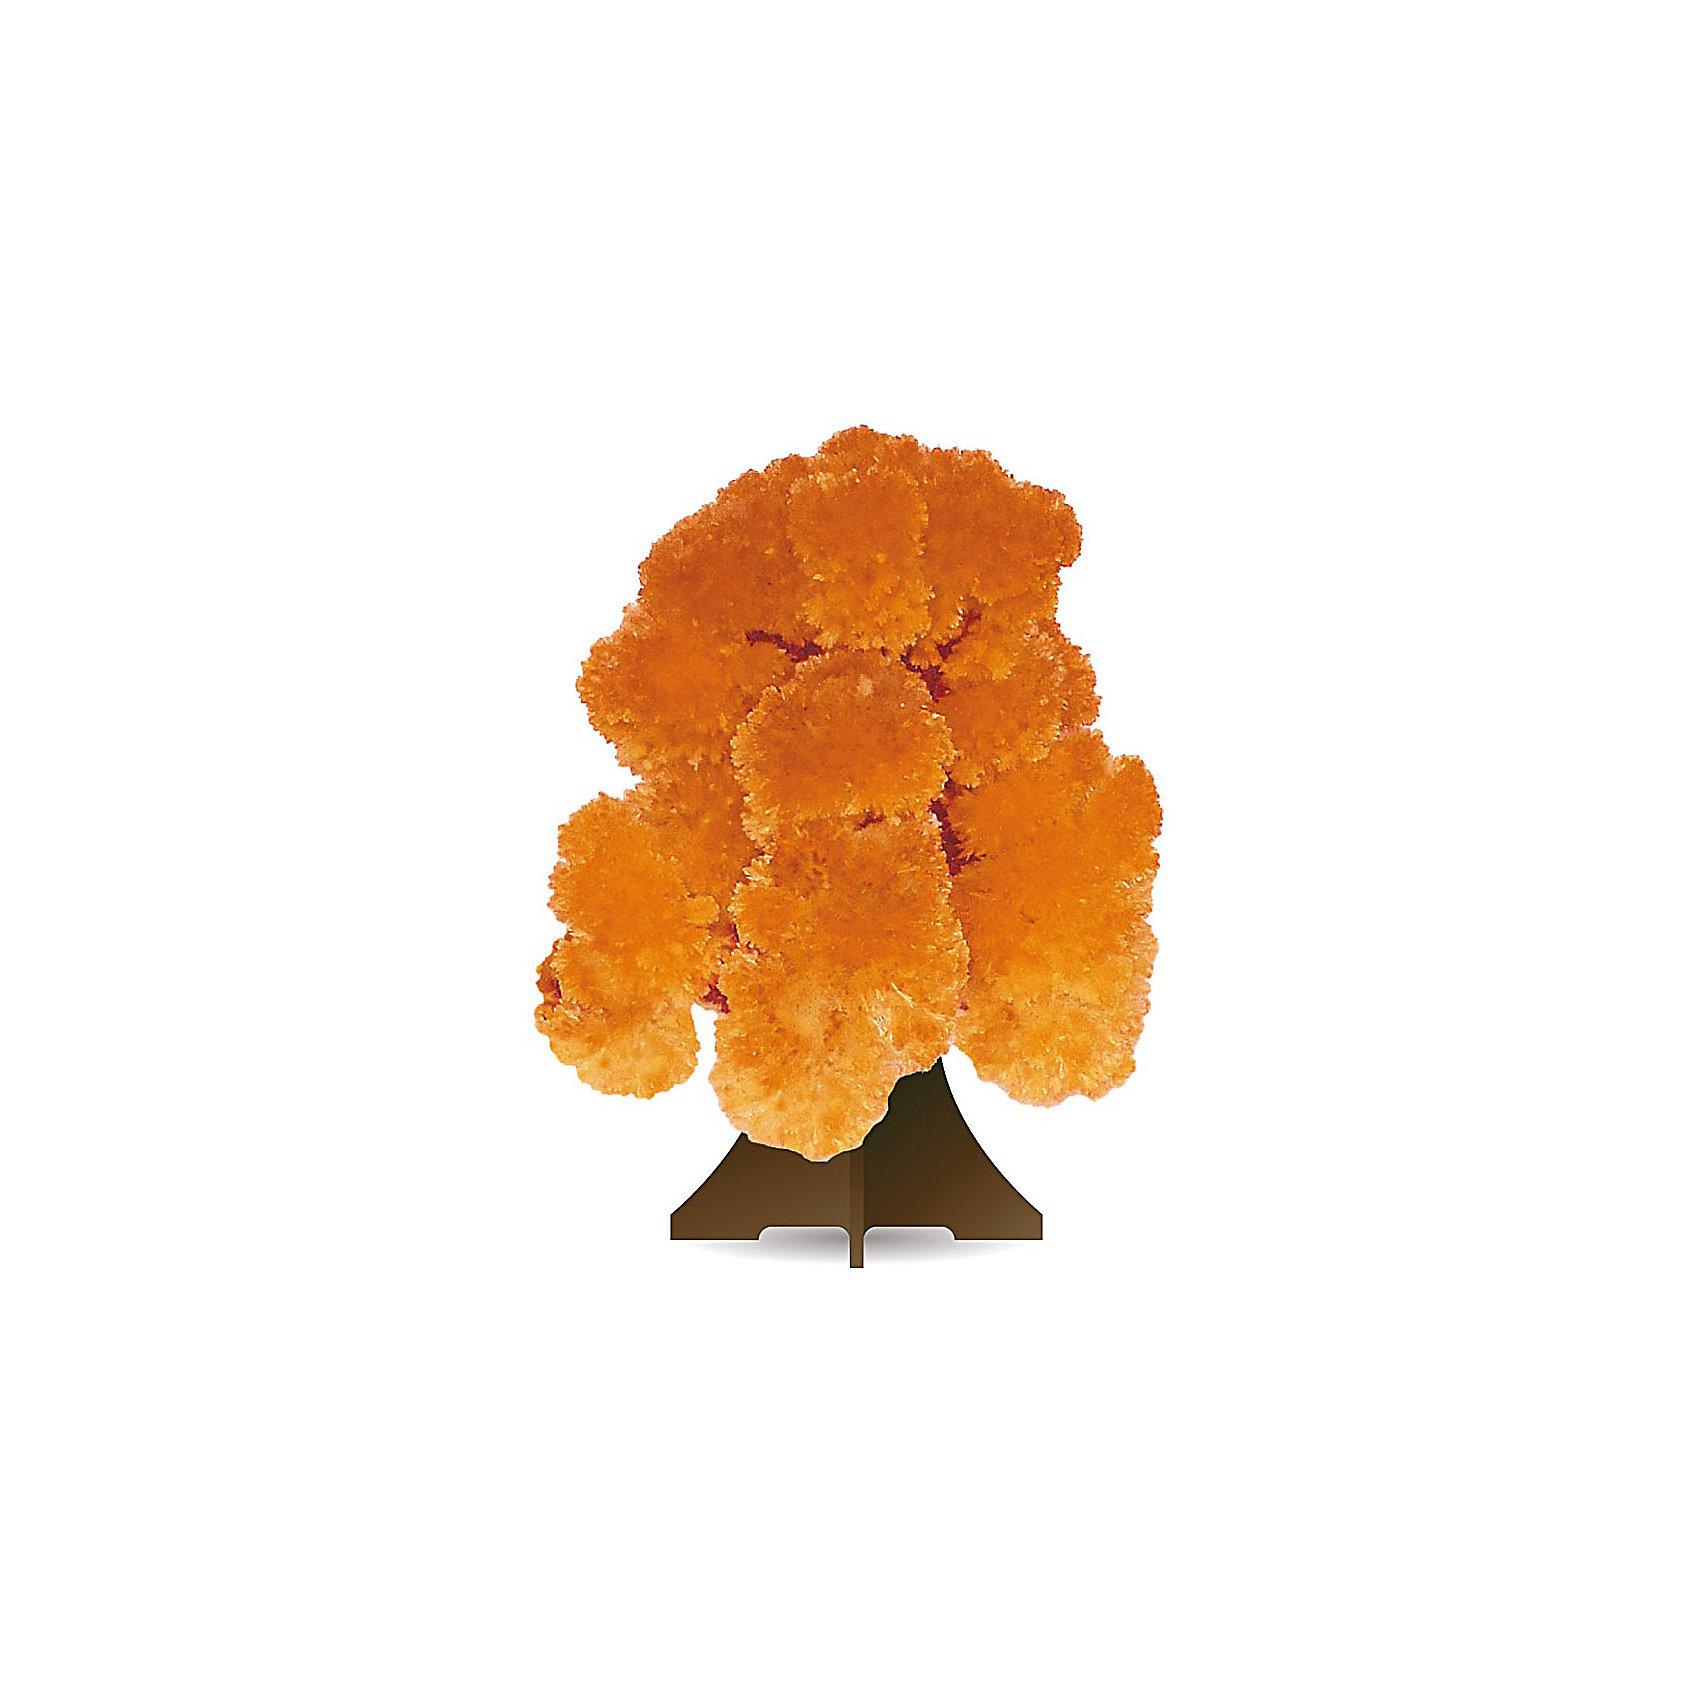 GOOD HAND CD-018 Волшебное деревоВыращивание кристаллов<br>Данный набор позволит ребенку почувствовать себя настоящим ученым – и получить в результате несложных экспериментов не россыпь невзрачных хрусталиков, а волшебные, притягивающие восхищенные взгляды произведения искусства. В состав набора входят реактивы для выращивания кристаллов и бумажный каркас, который послужит основой будущей драгоценной конструкции. При смачивании раствором бумажной основы на ней буквально на глазах восхищенных детей вырастают пышные друзы кристаллов, которые образуют форму ветвистого дерева оранжевого цвета. С помощью набора дети смогут прикоснуться к тайнам земных недр и собственными руками создать волшебную кристаллическую структуру, которая поразит друзей, станет истинным украшением интерьера или восхитительным подарком на праздник. Стоит лишь попробовать – и магия выращивания кристаллов увлечет не только детей, но и взрослых!<br><br>Основные особенности:<br>- Набор для выращивания на бумажной основе друзы кристаллов в форме дерева оранжевого цвета.<br>- Набор пробуждает у ребенка интерес к естественным наукам, учит терпению, вниманию и аккуратности, закладывает базу для занятий прикладными ремеслами, развивает творческое мышление и художественный вкус.<br>- Выращивание кристаллов позволяет получить первые представления о большинстве естественных наук – физике, химии, геологии, минералогии.<br>- Набор включает иллюстрированную пошаговую инструкцию.<br>- Компоненты набора полностью безопасны для занятий под присмотром взрослых или самостоятельных занятий детей старше 12 лет.<br>- Законченную работу для предохранения от выцветания и предотвращения нежелательных последствий при контакте с кожей рекомендуется покрыть лаком.<br><br>Ширина мм: 212<br>Глубина мм: 100<br>Высота мм: 10<br>Вес г: 45<br>Возраст от месяцев: 96<br>Возраст до месяцев: 168<br>Пол: Унисекс<br>Возраст: Детский<br>SKU: 2609890